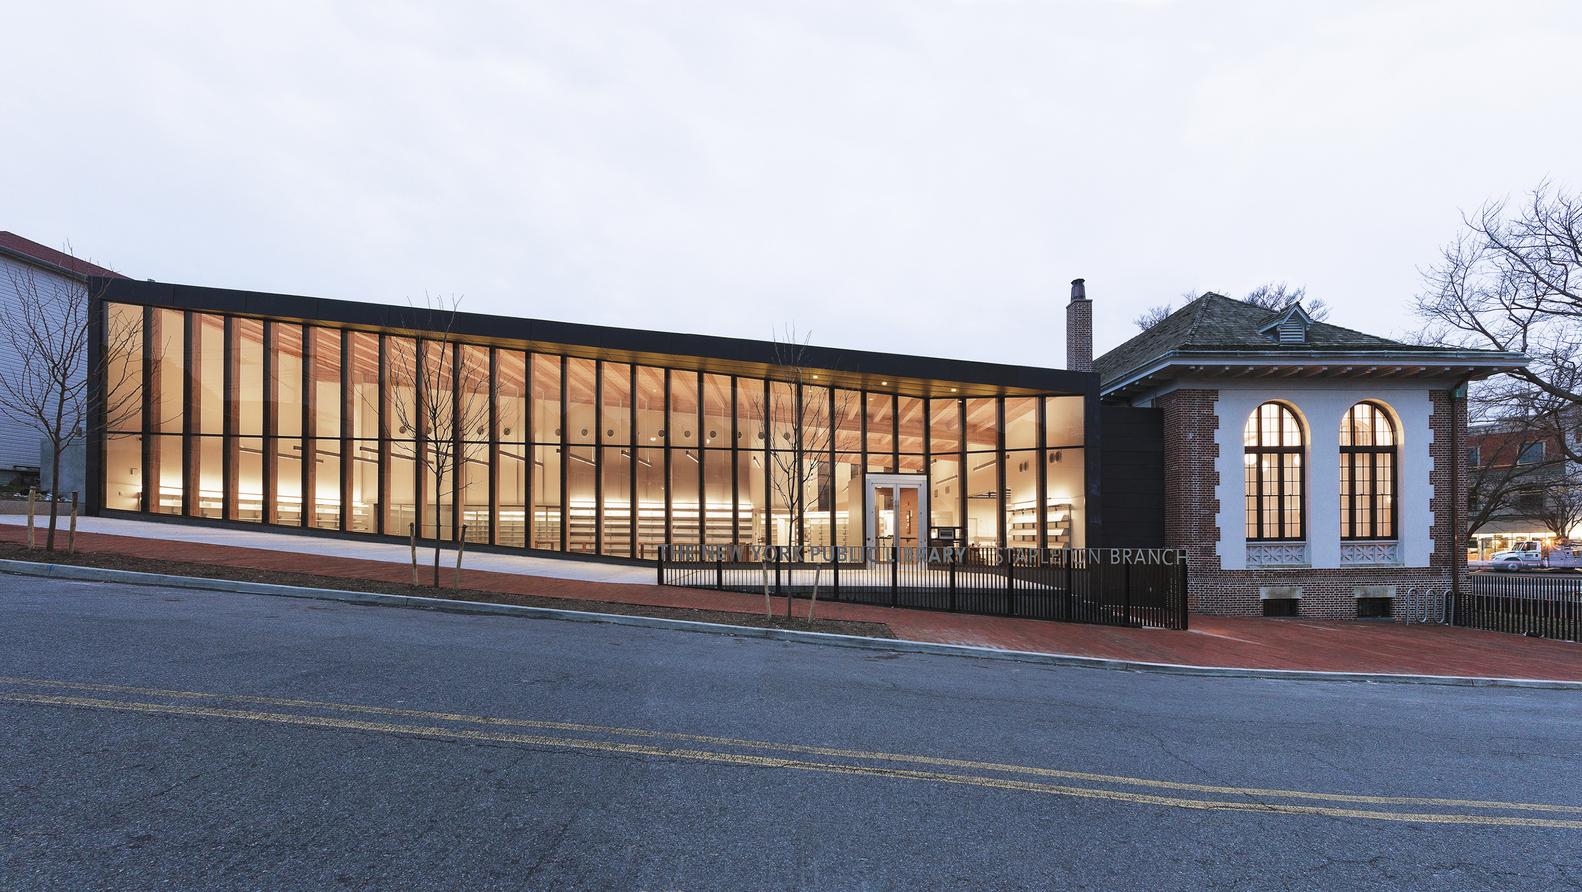 Stapleton Bibliothek auf Staten Island